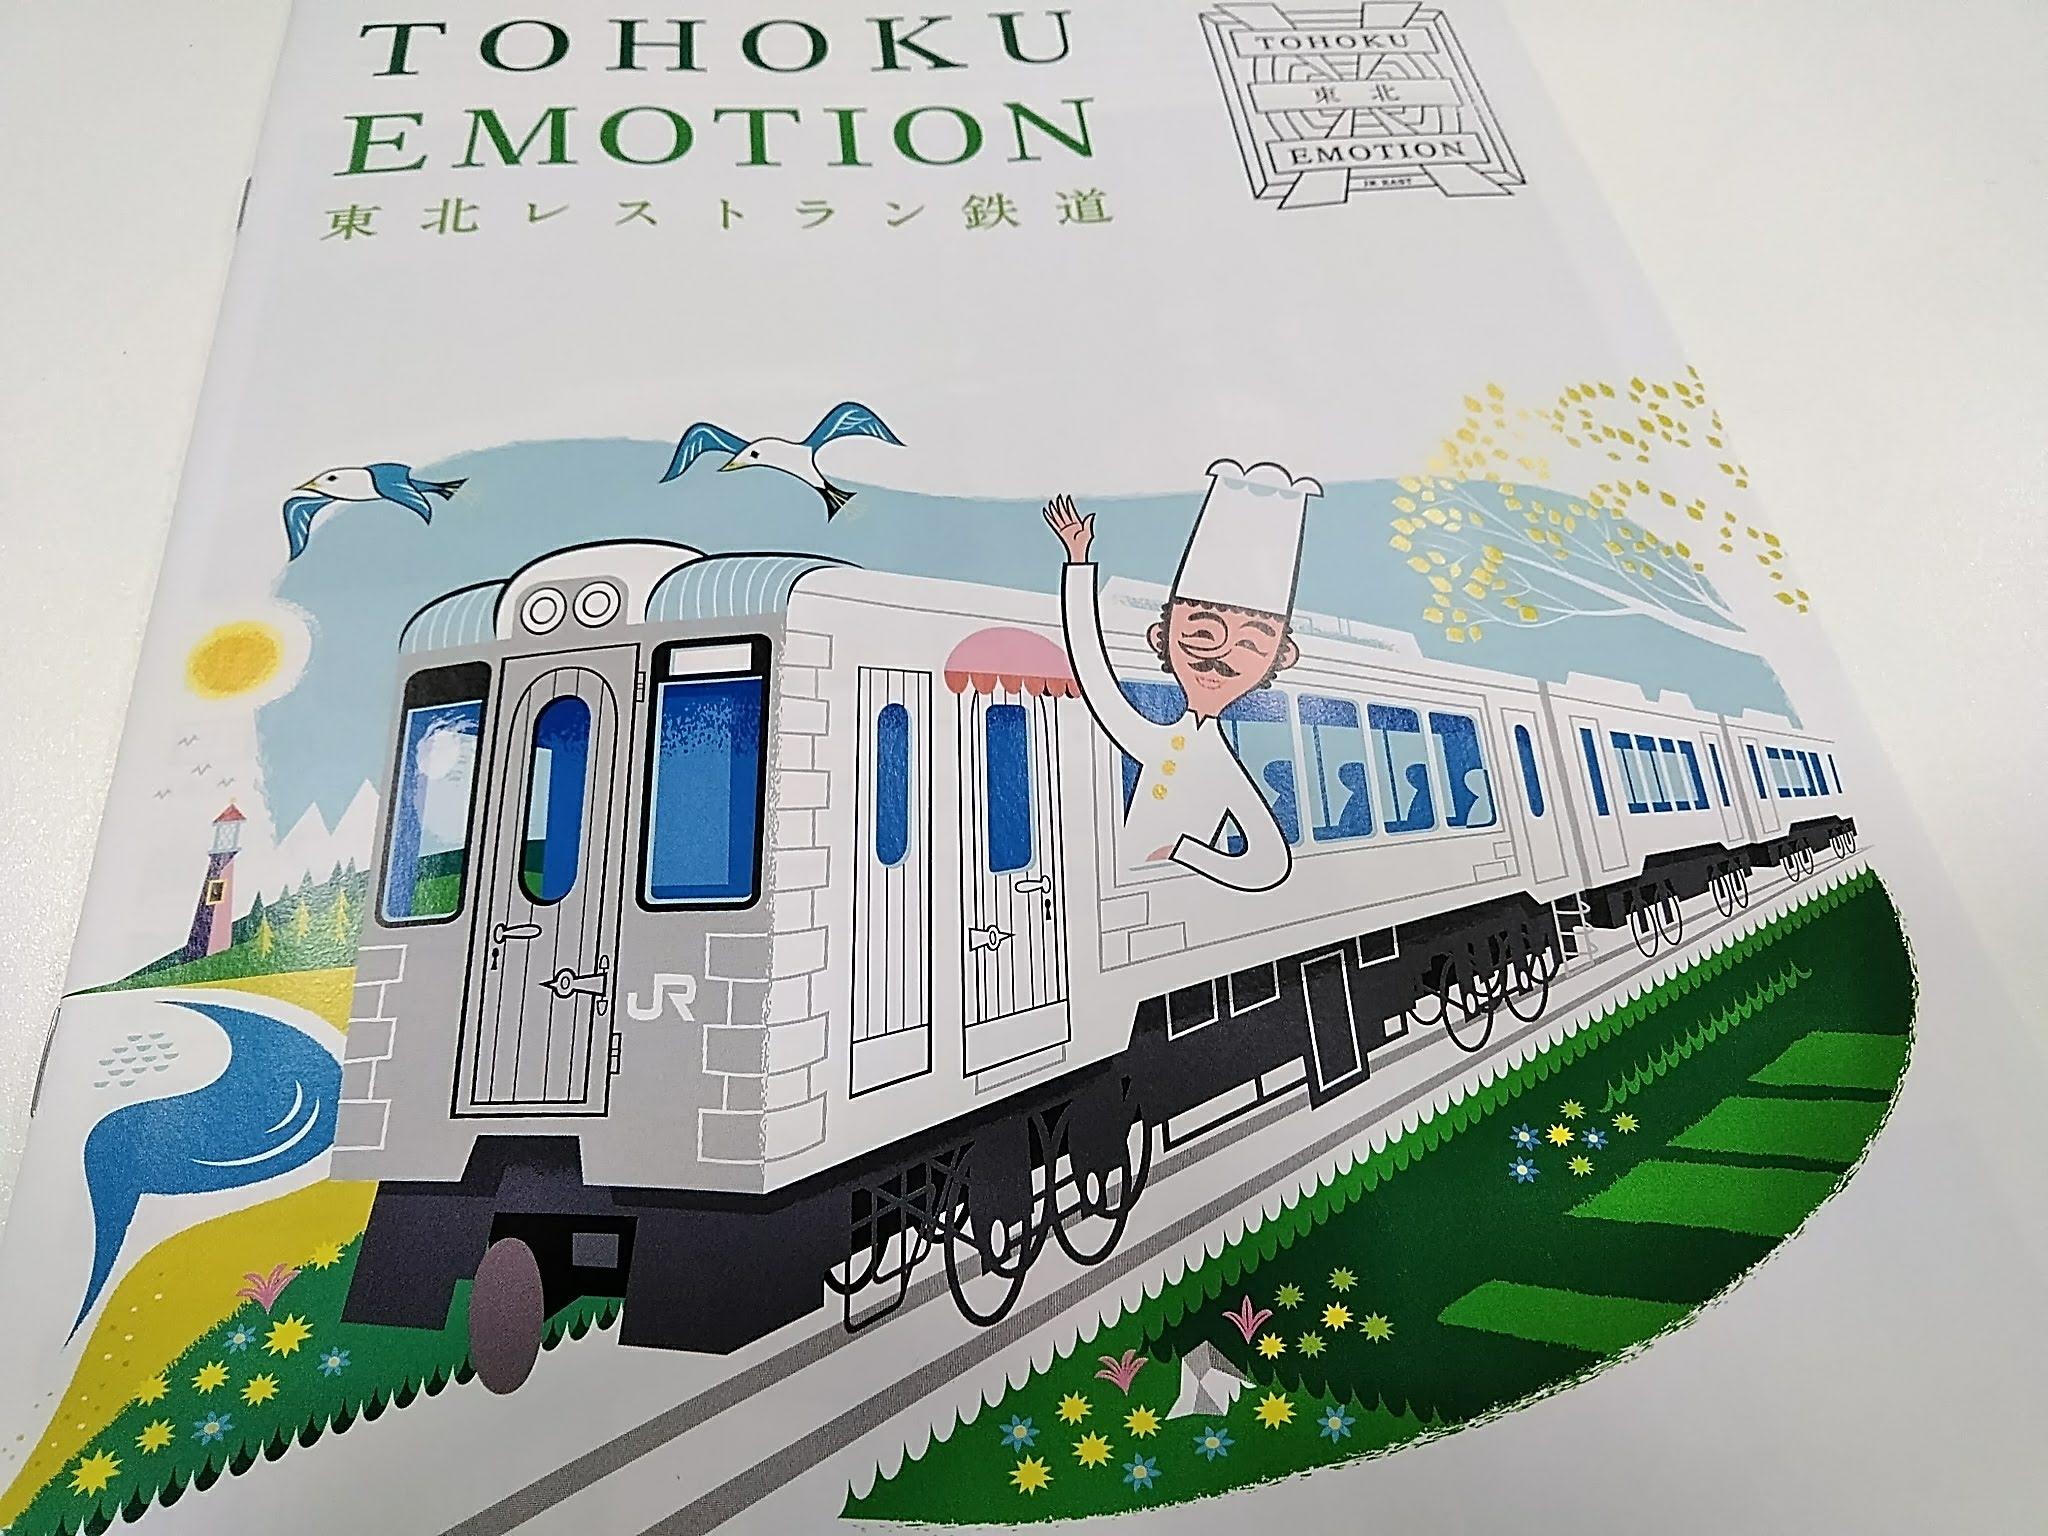 東北レストラン鉄道「TOHOKU EMOTION」